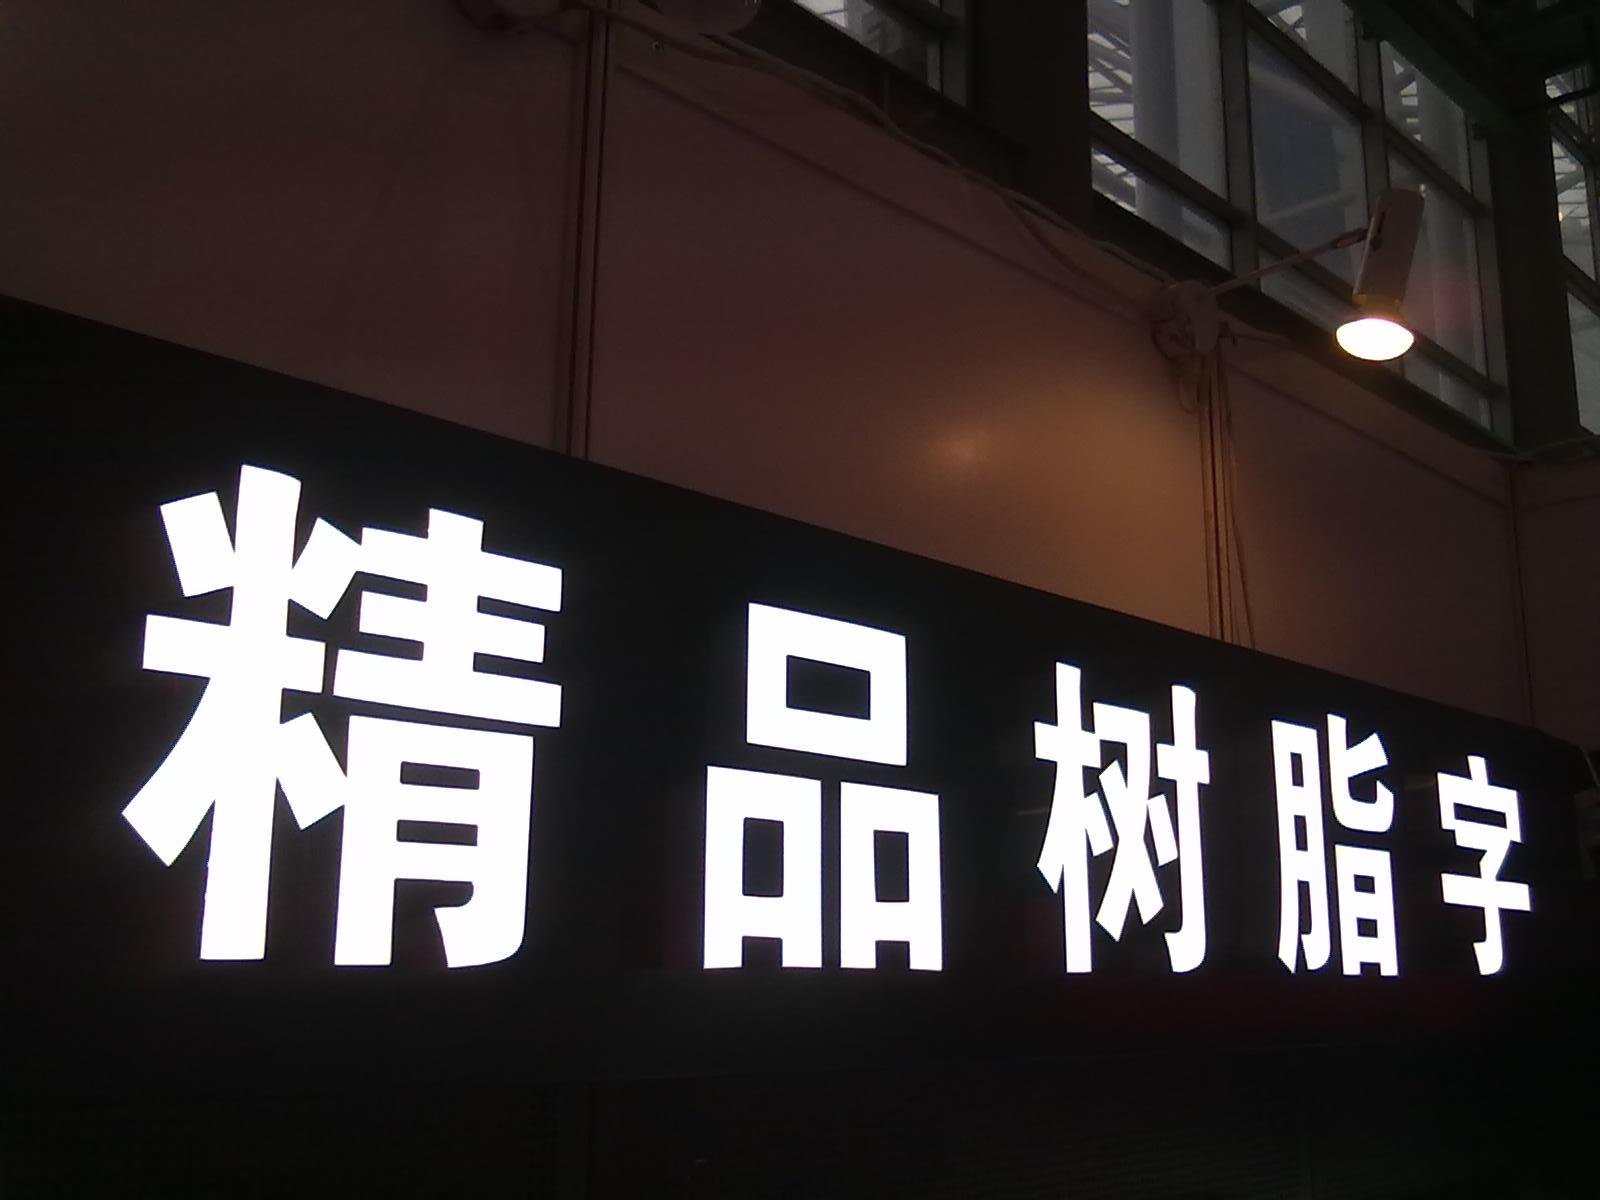 【侧面冲孔发光字钛金字/亚克力/背发光/平面字/迷你字/树脂字】-中国行业信息网